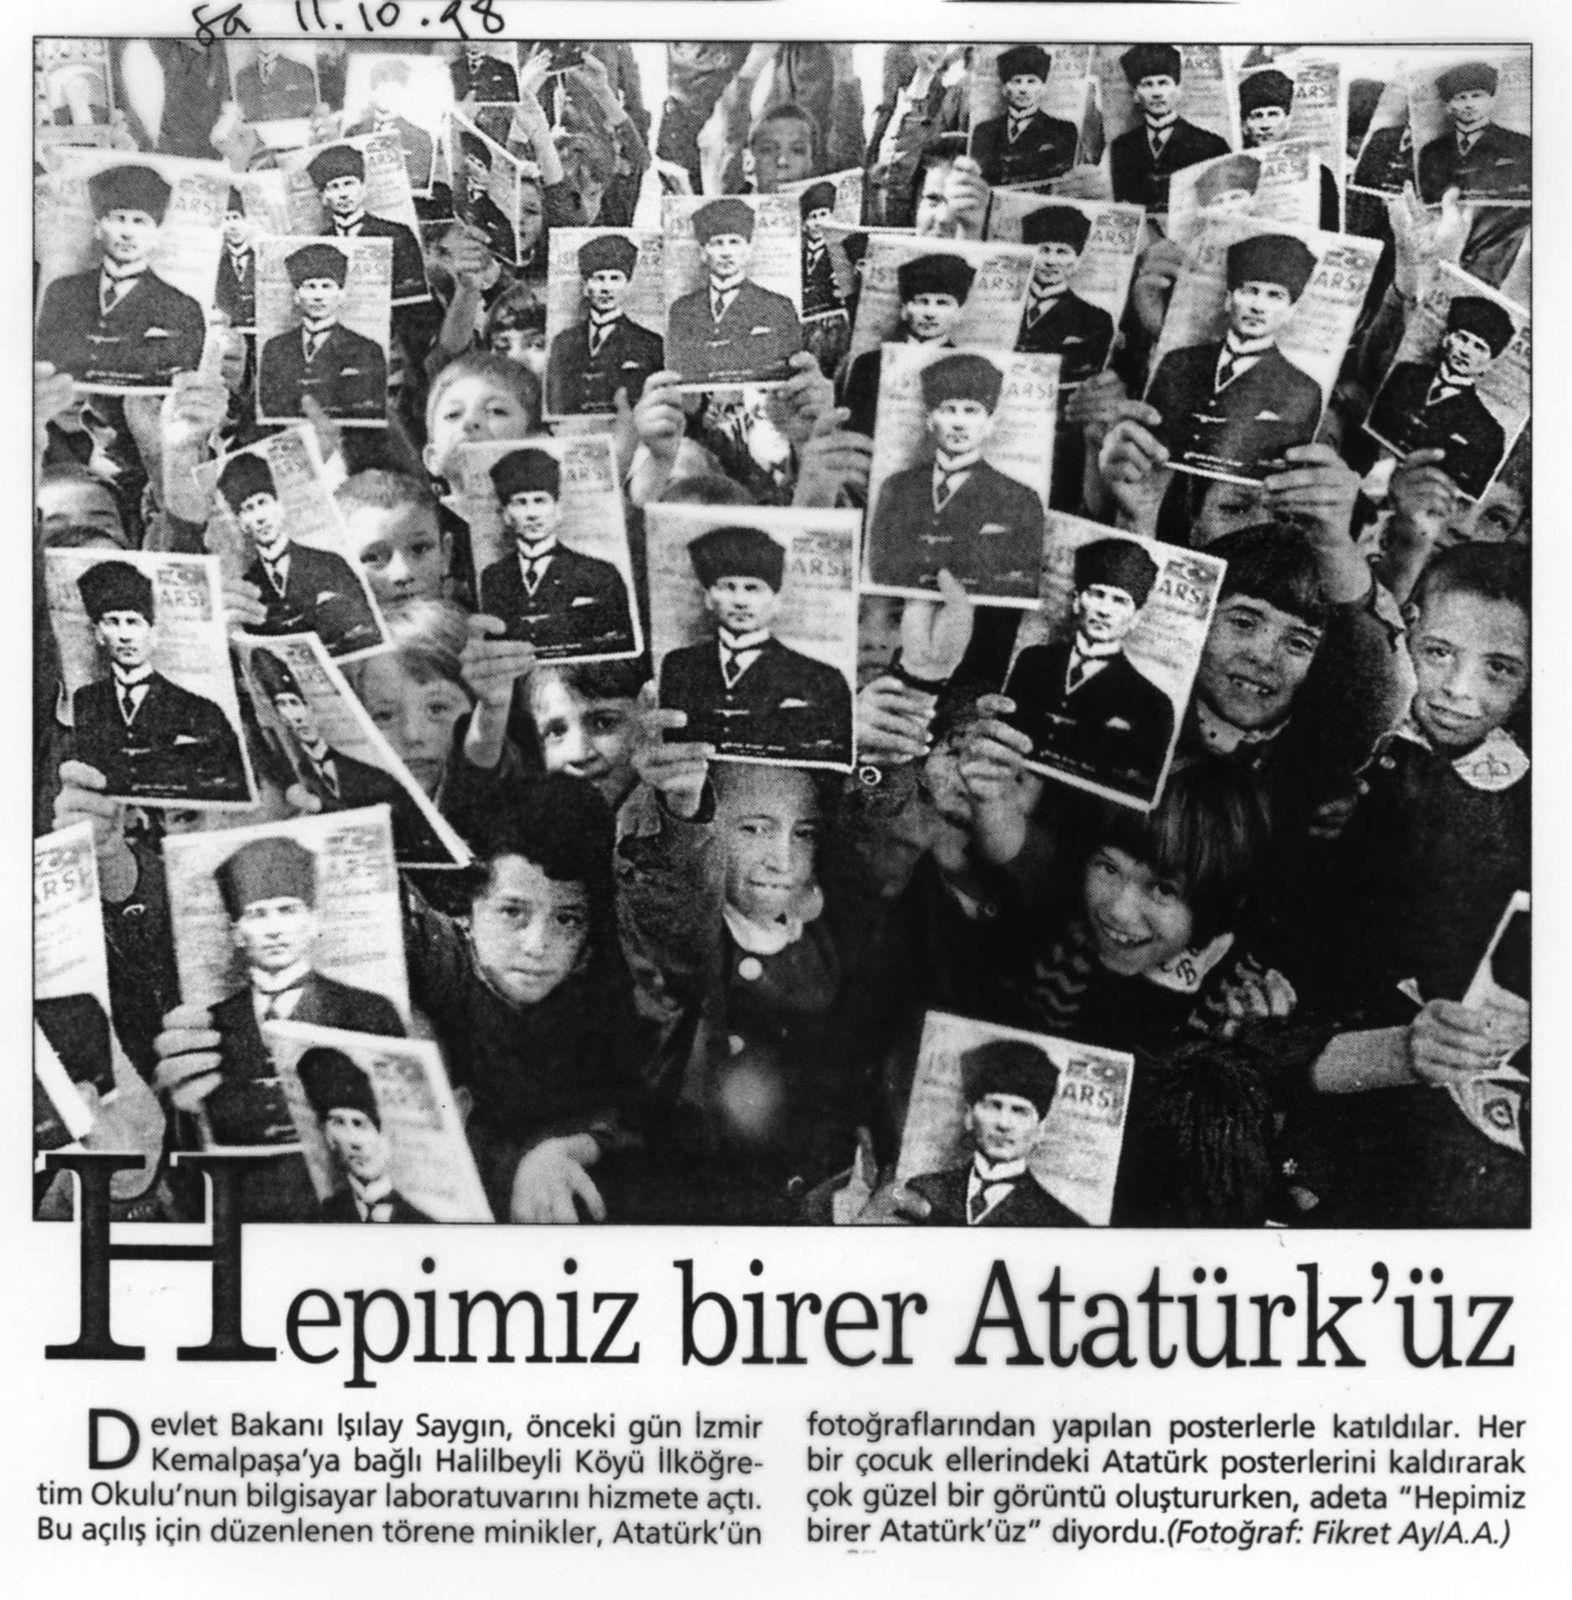 """11 octobre 1998, Sabah. Les enfants d'une école d'Izmir accueillent un ministre avec des effigies d'Atatürk: """"Chacun de nous est un Atatürk"""""""